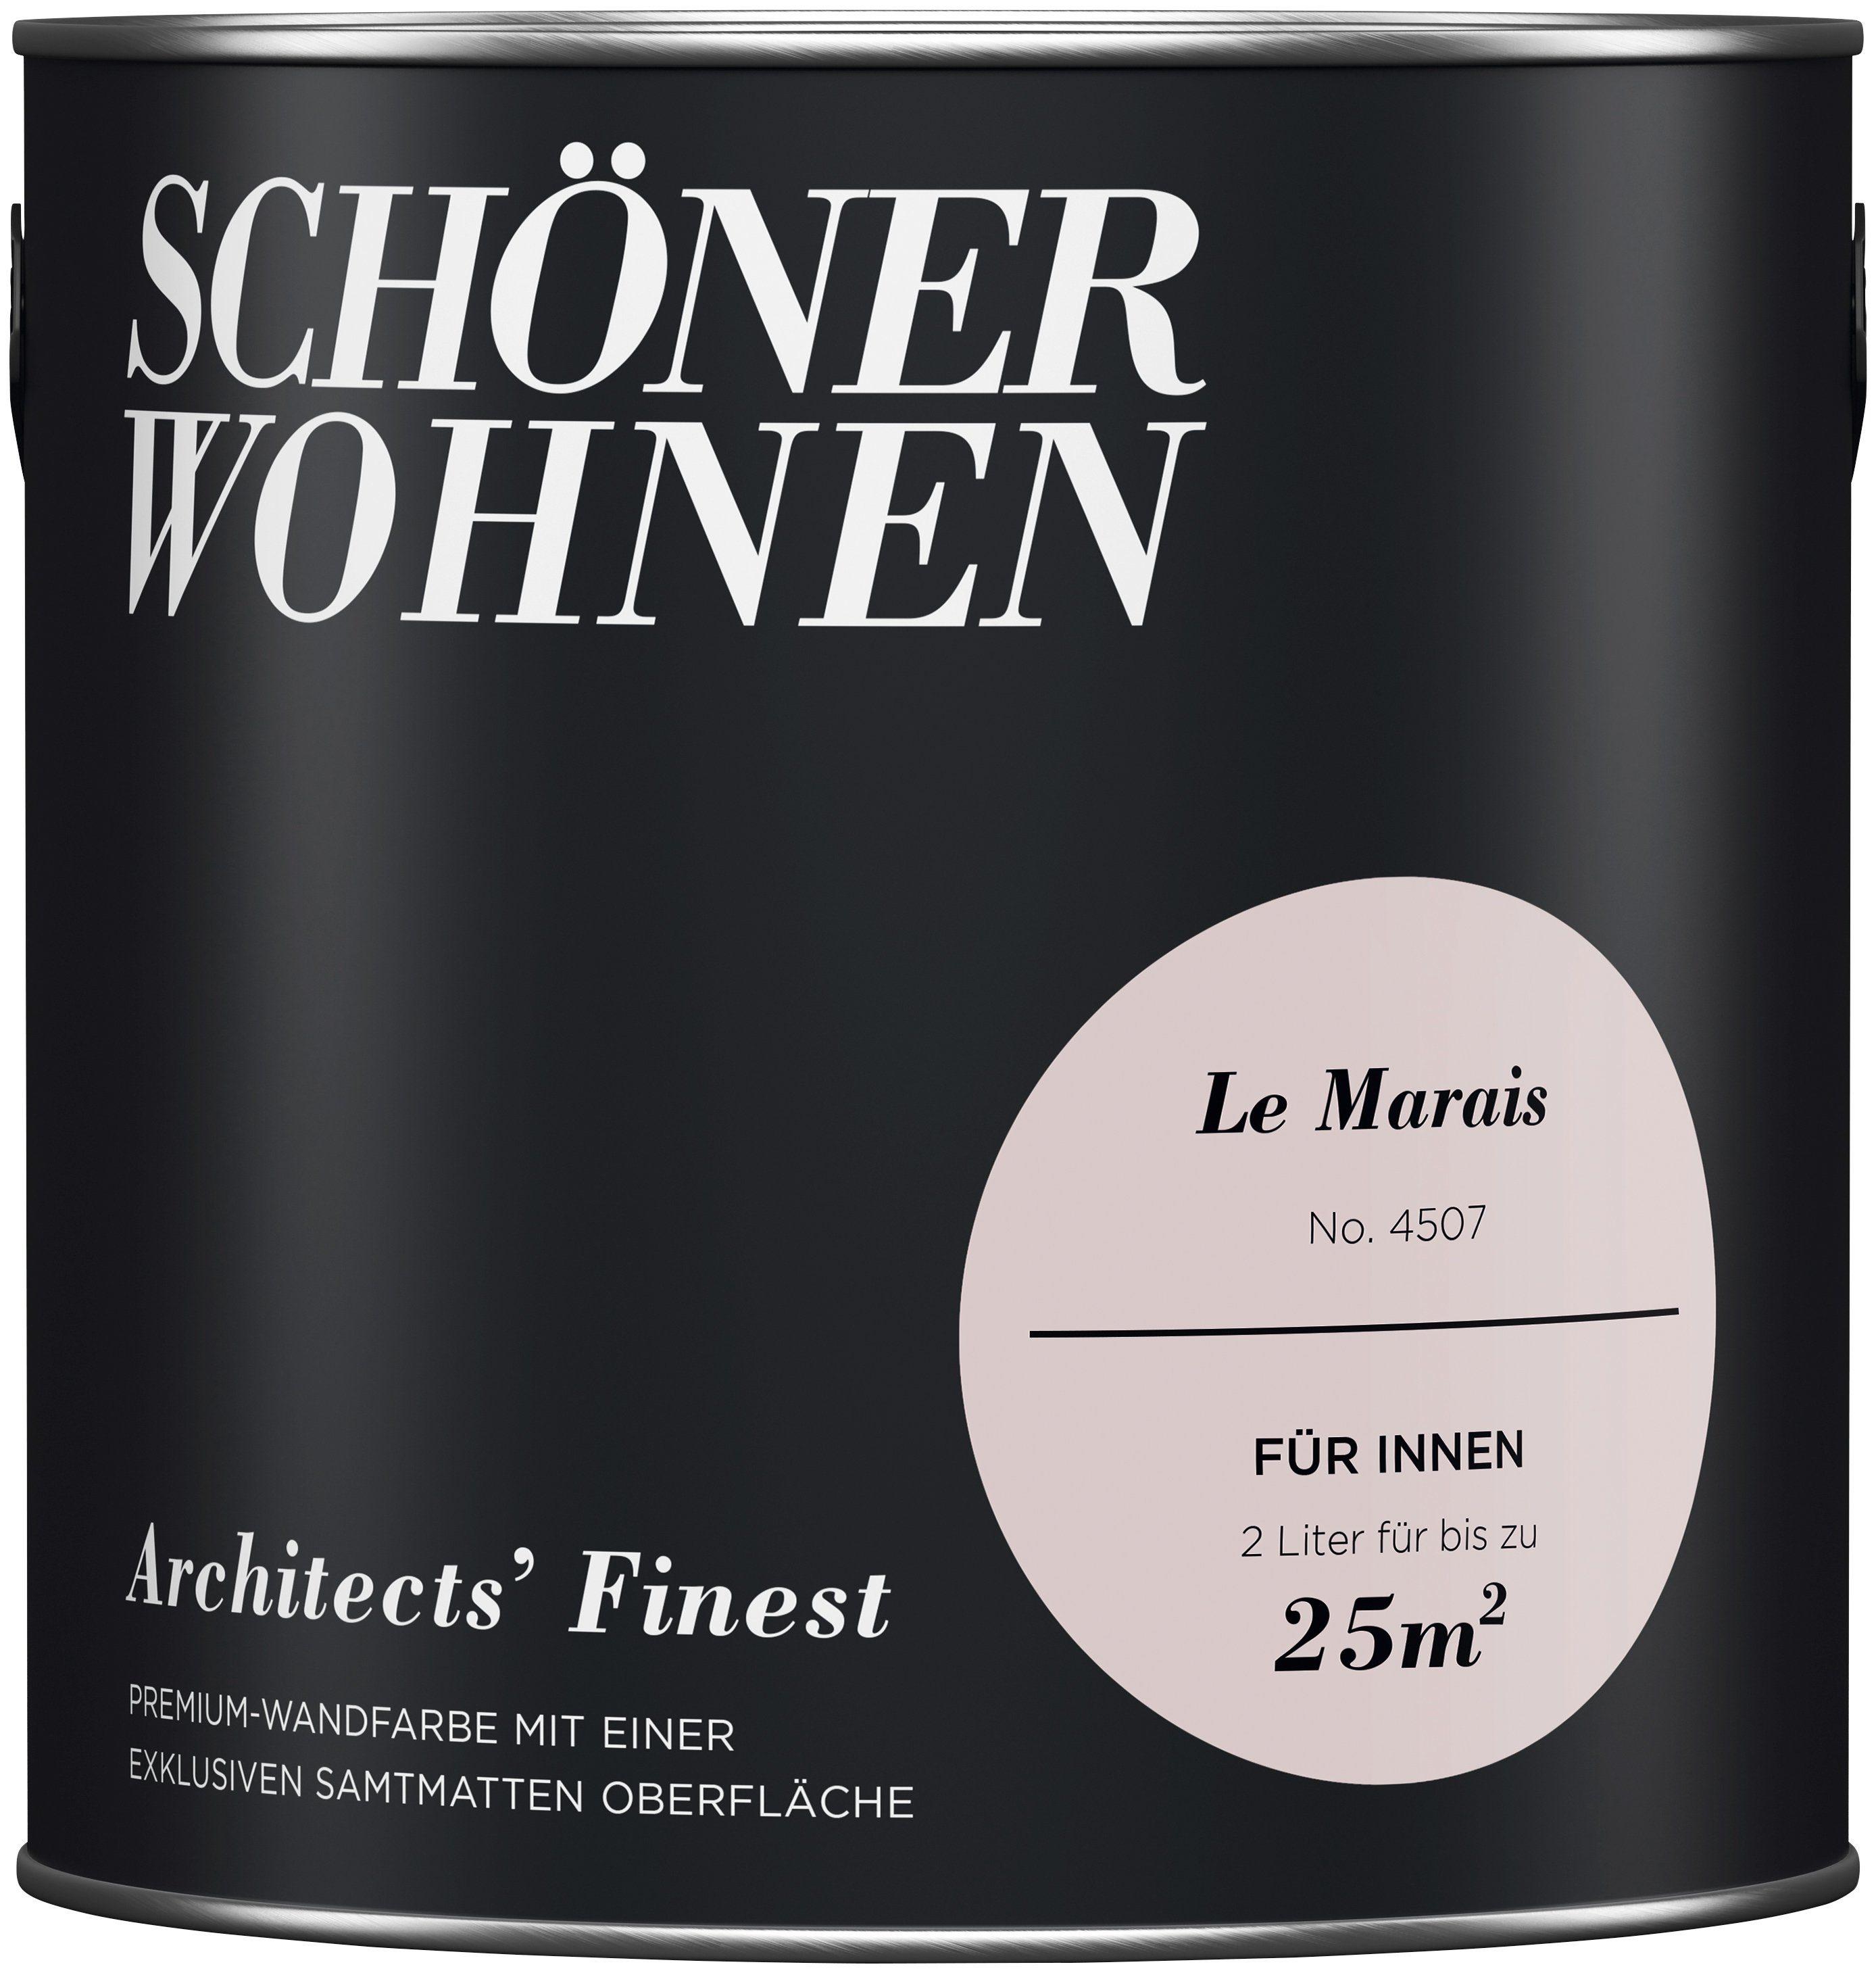 SCHÖNER WOHNEN-FARBE Wand- und Deckenfarbe »Architects' Finest«, Le Marais